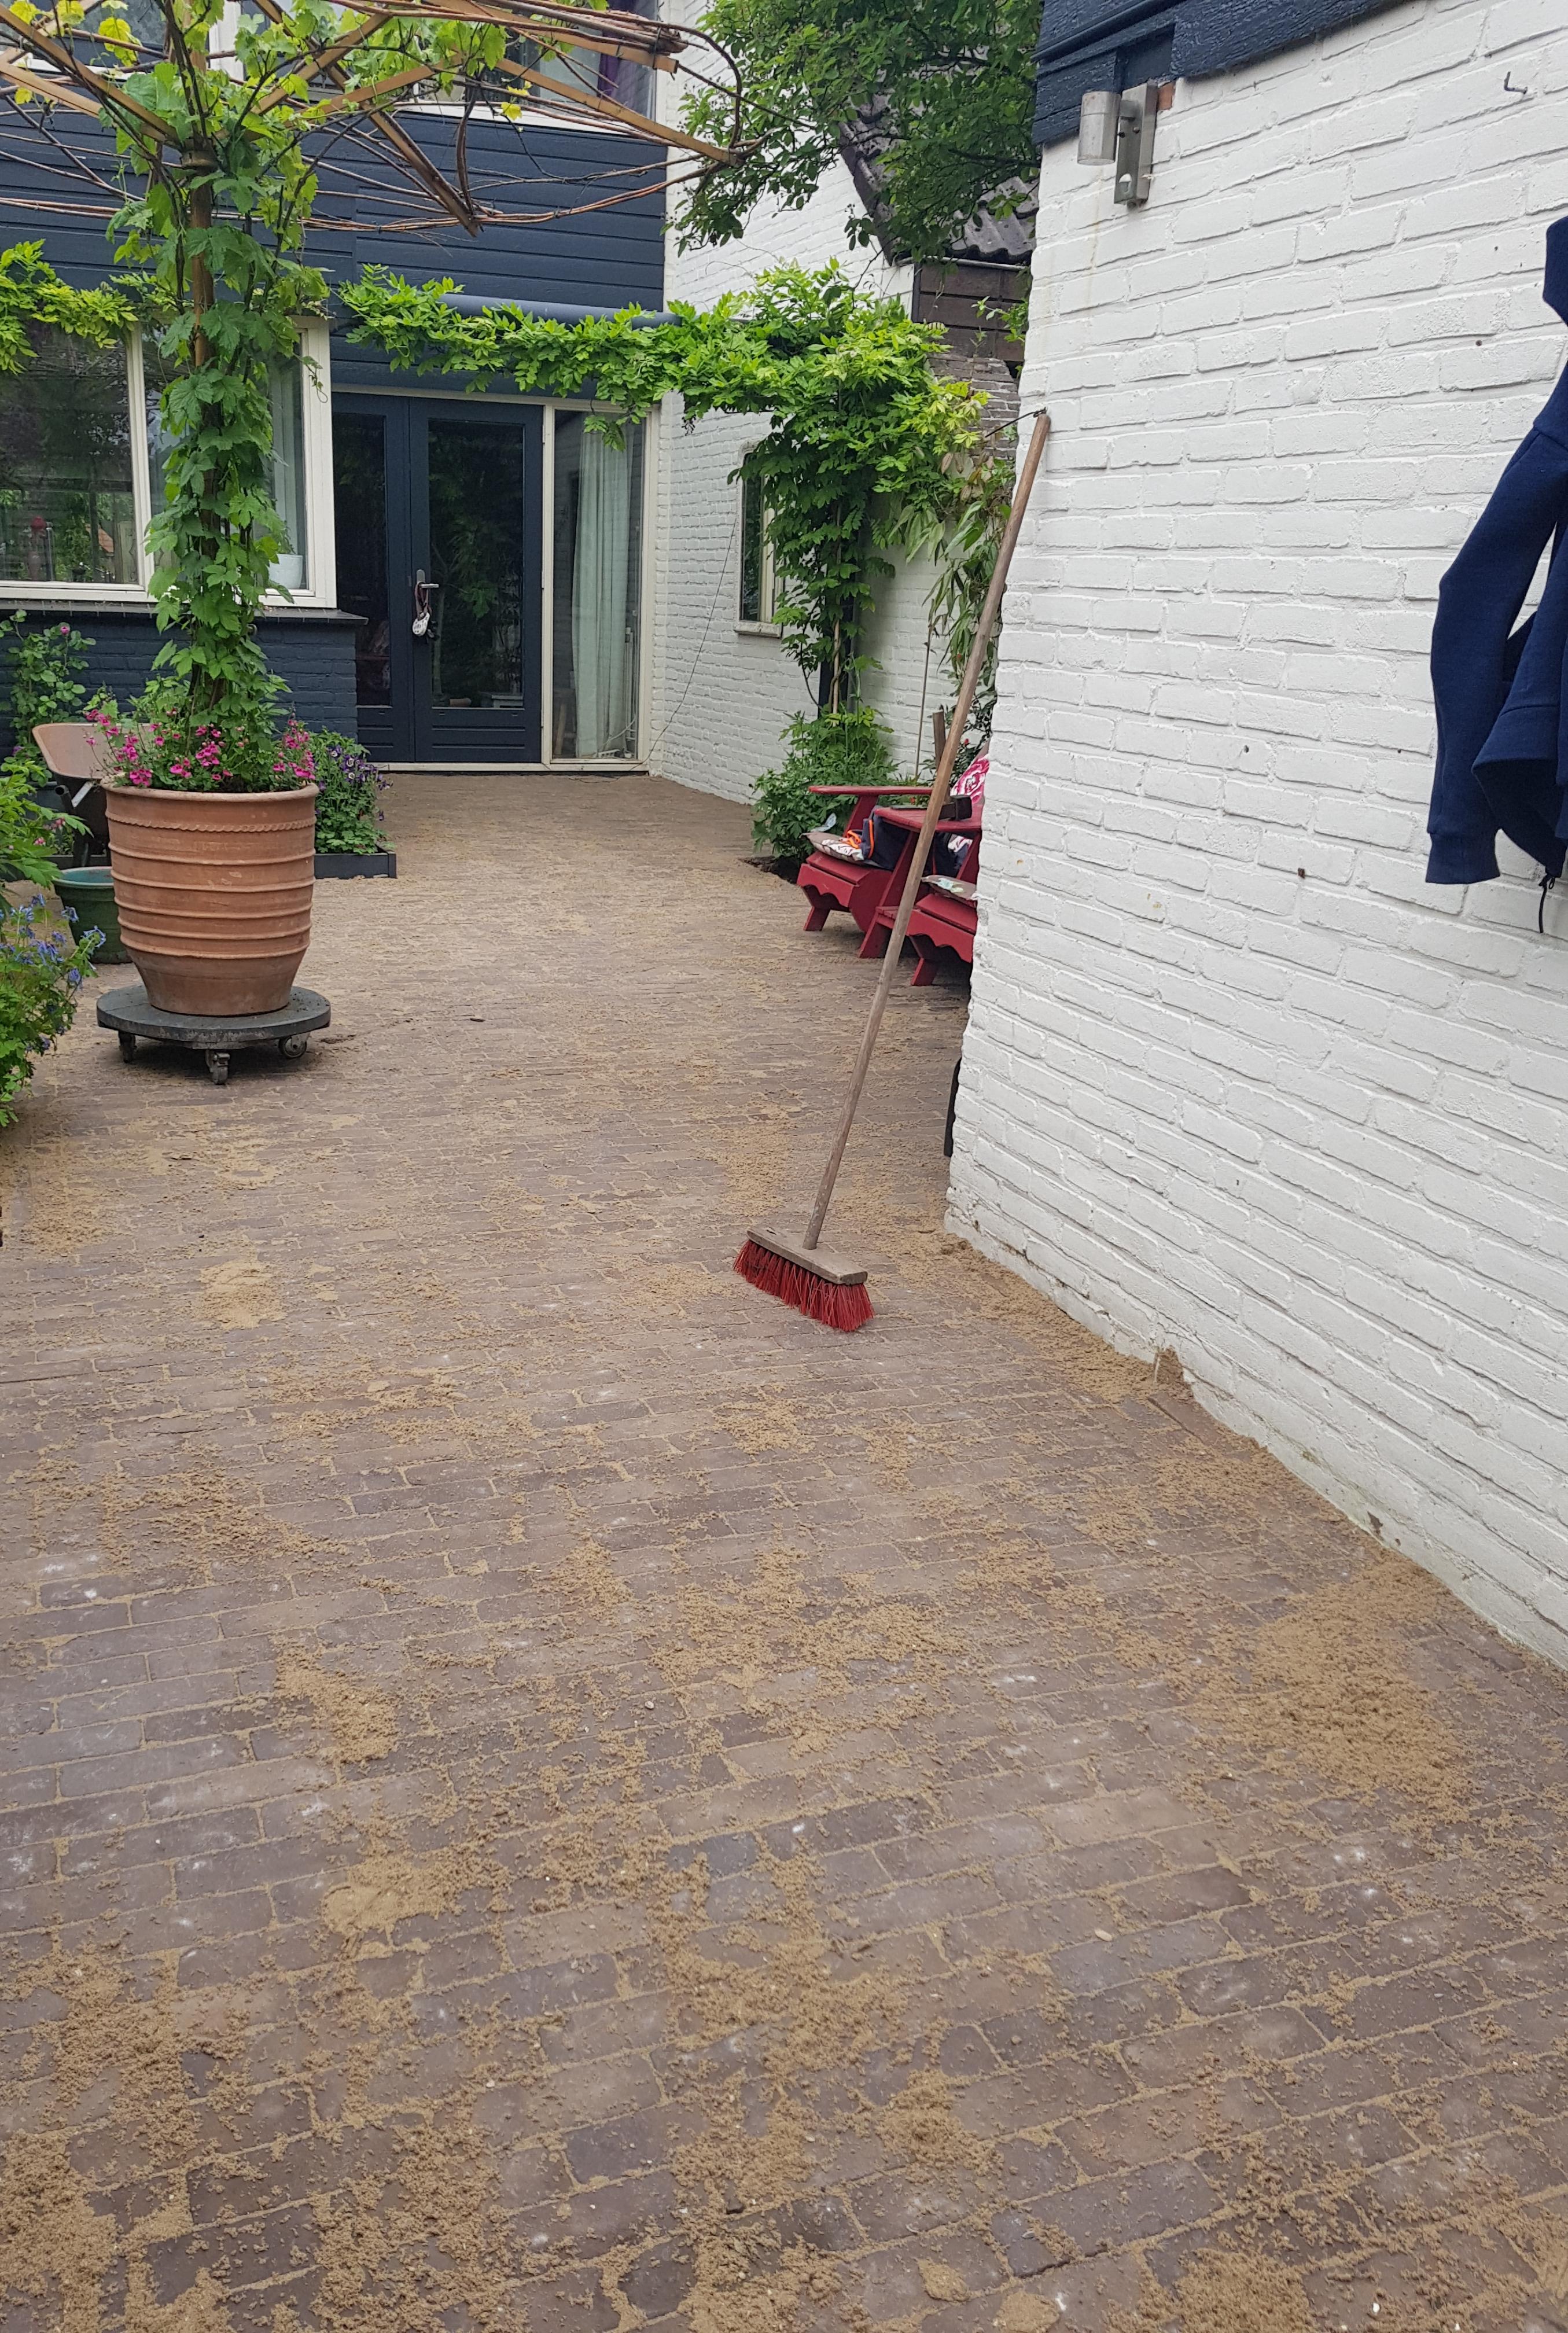 Dikformaten- Daalmeer Alkmaar